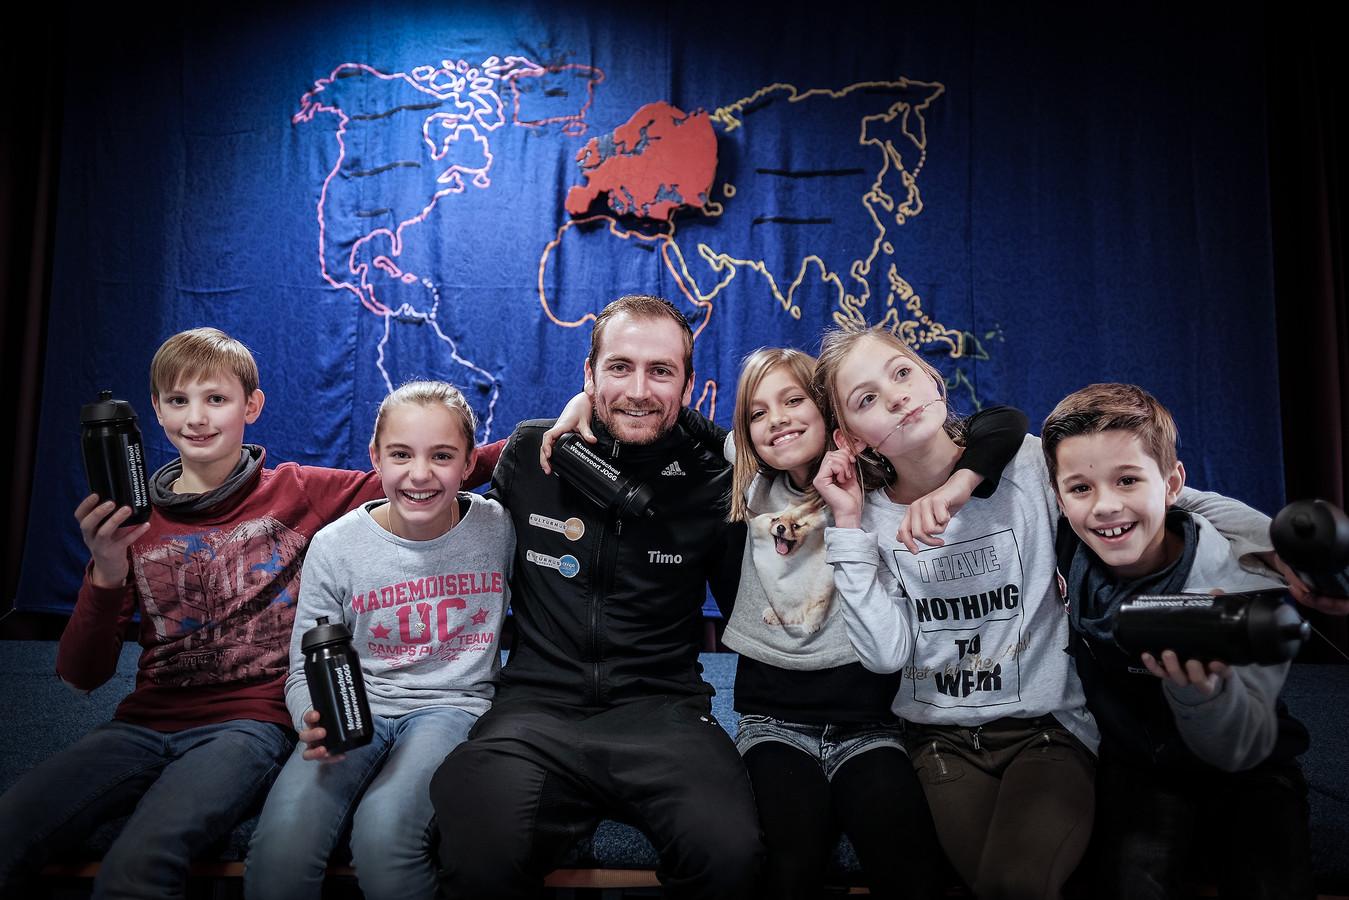 Leerlingen van de Montessorischool in Westervoort, met in het midden Timo Riphagen.   Vanaf links: Joppe Offringa, Rose Lether, Timo Riphagen, Cleo Enscher, Myrthe ter Maat en Pim Lether. foto Jan van den Brink